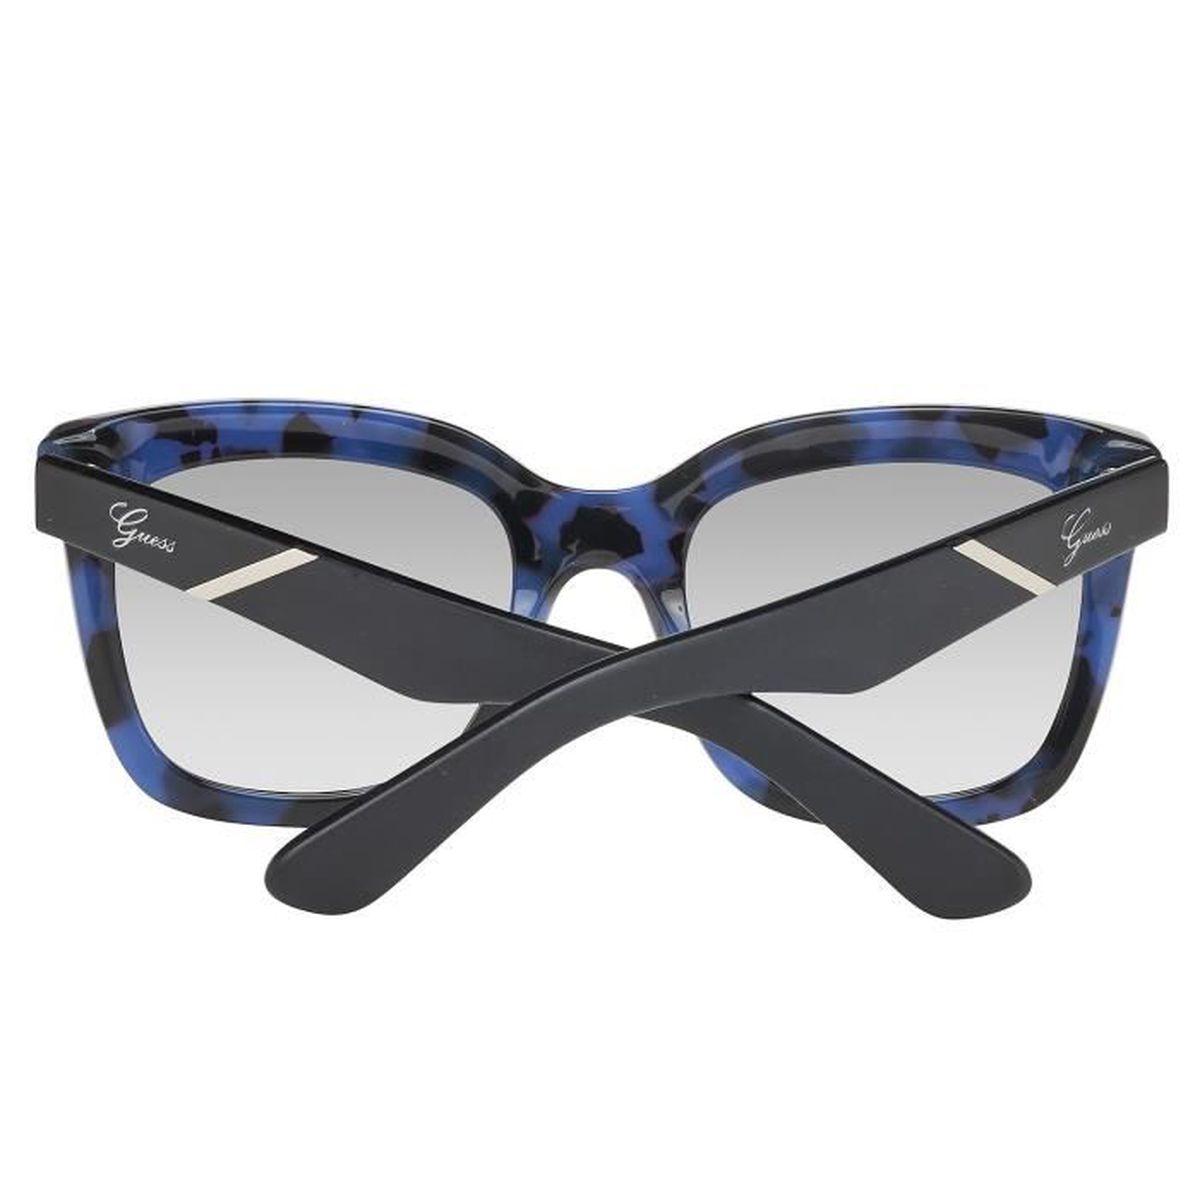 Guess Sunglasses GU7342 D79 53 - Achat   Vente lunettes de soleil Mixte  Adulte - Cdiscount 1b9d43dc03f8